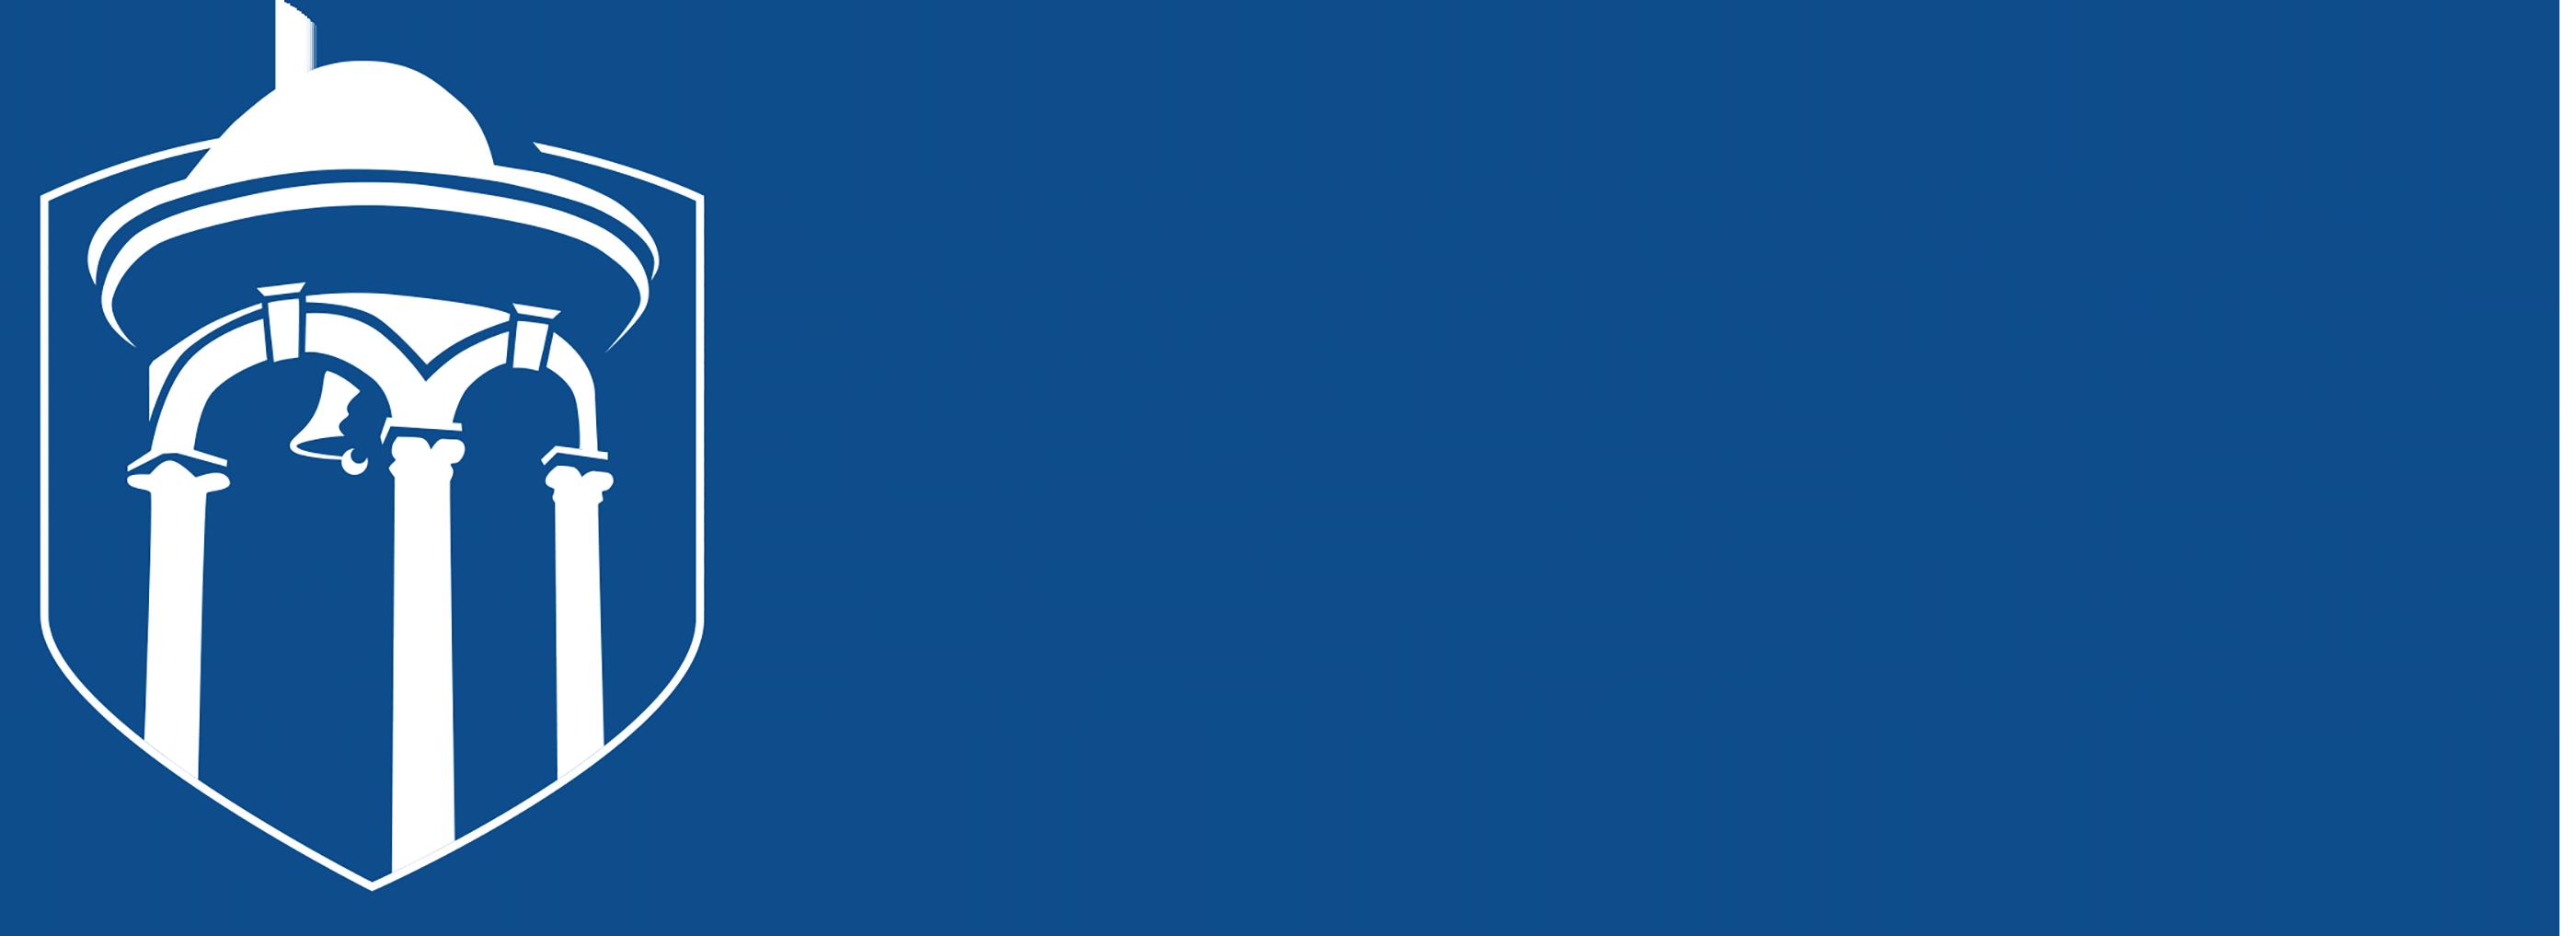 Tulsa University MSCS